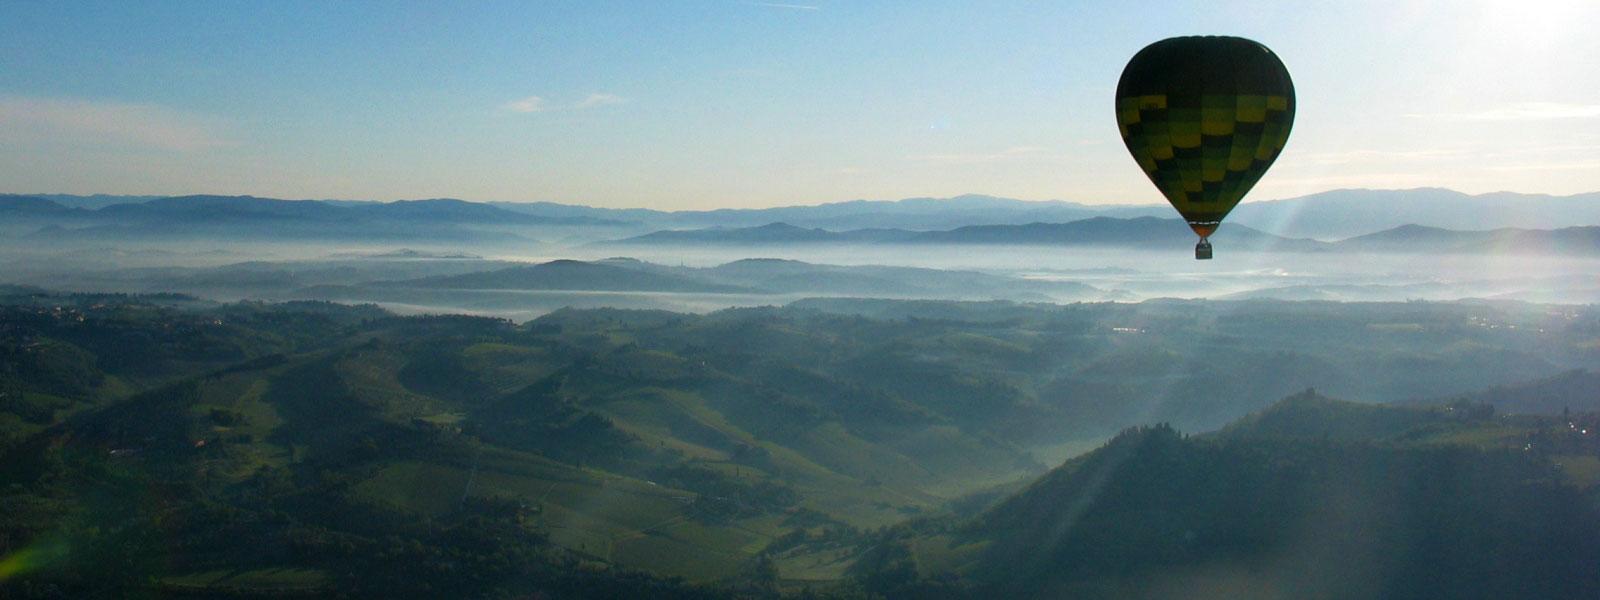 mongolfiere-in-volo-lamattina-presto-castello-di-bibbione